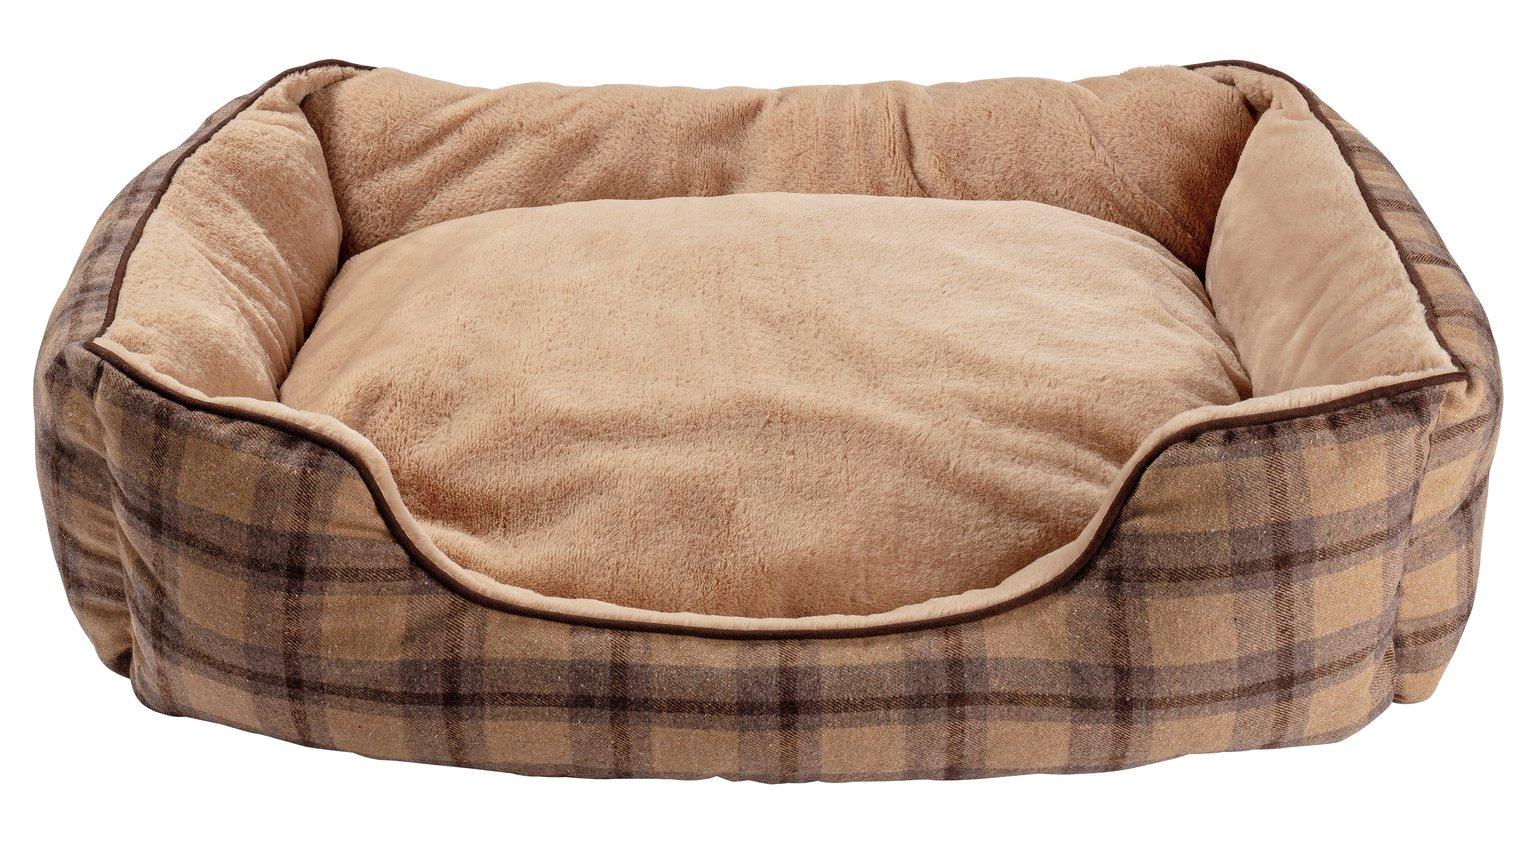 Pineham Memory Foam Square Pet Bed - Large